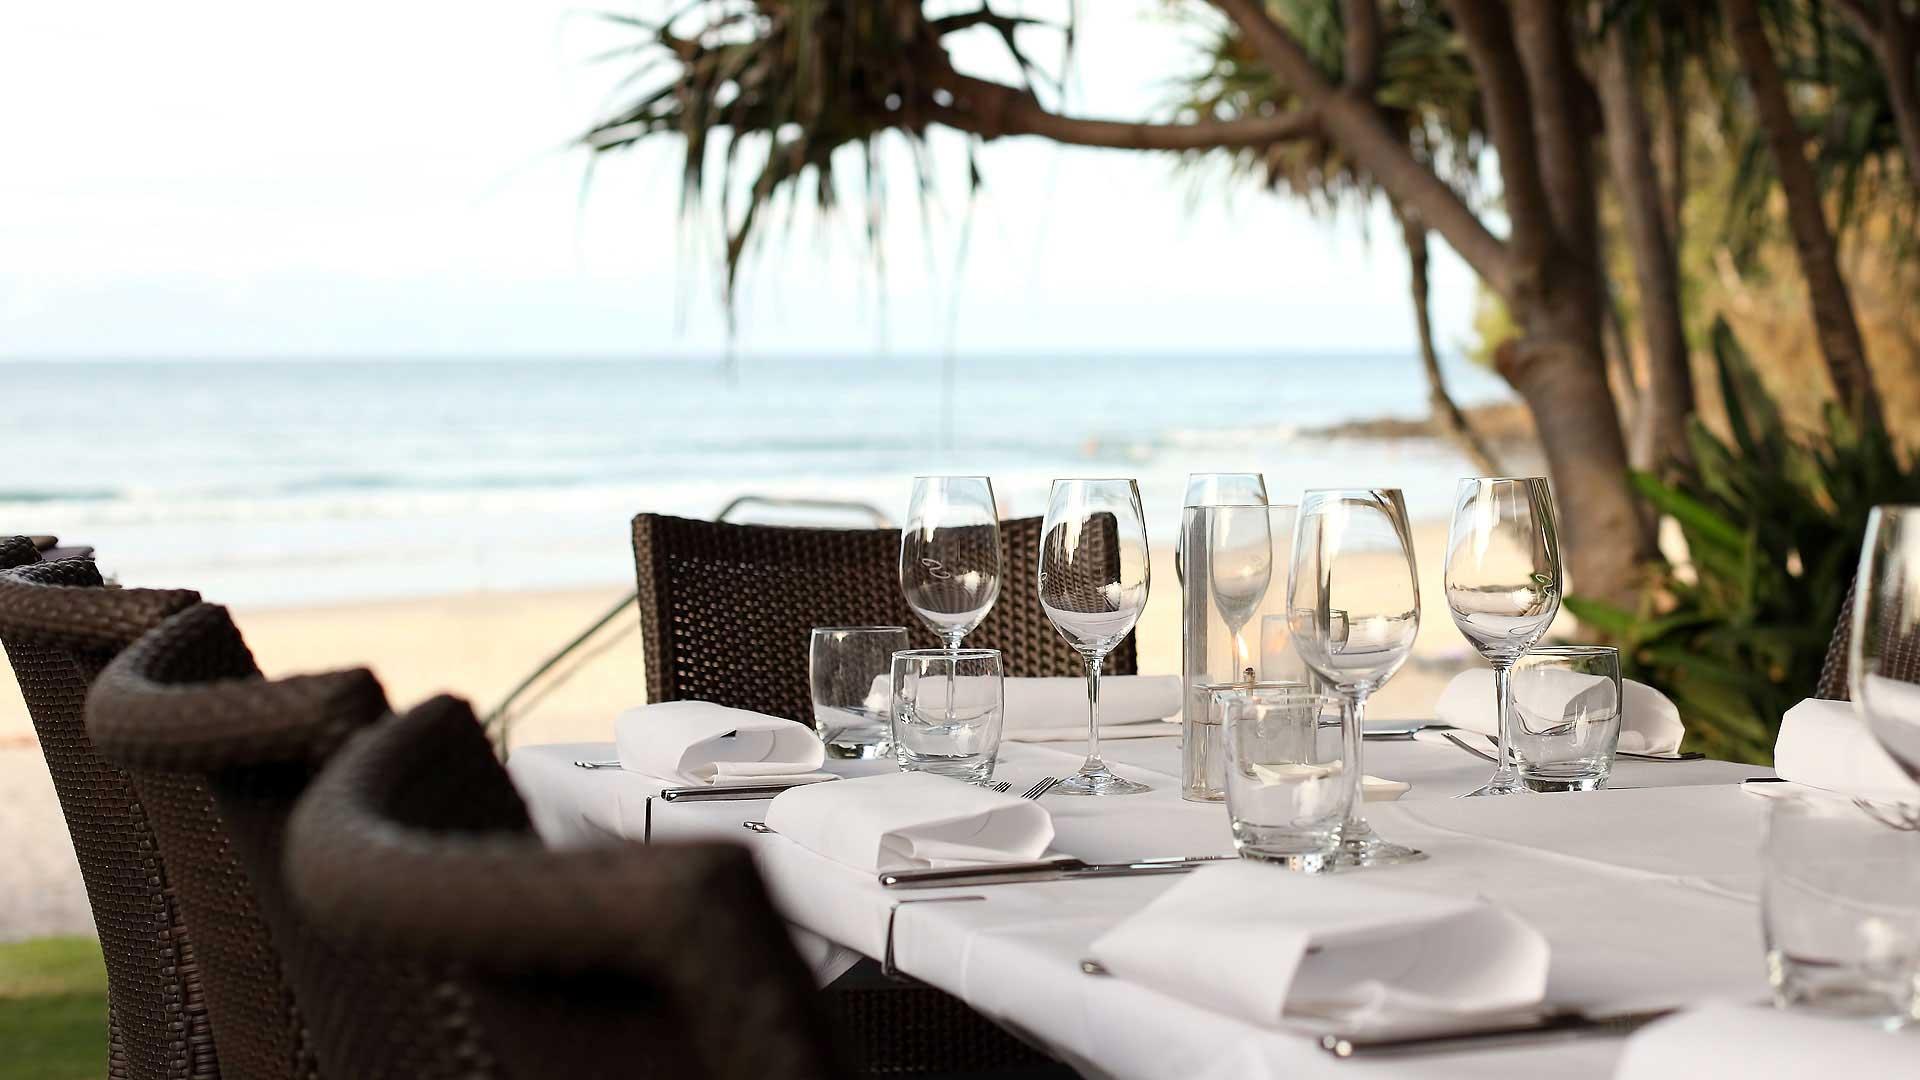 Noosa-Beachfront-Restaurant-Noosa-Beach-S031